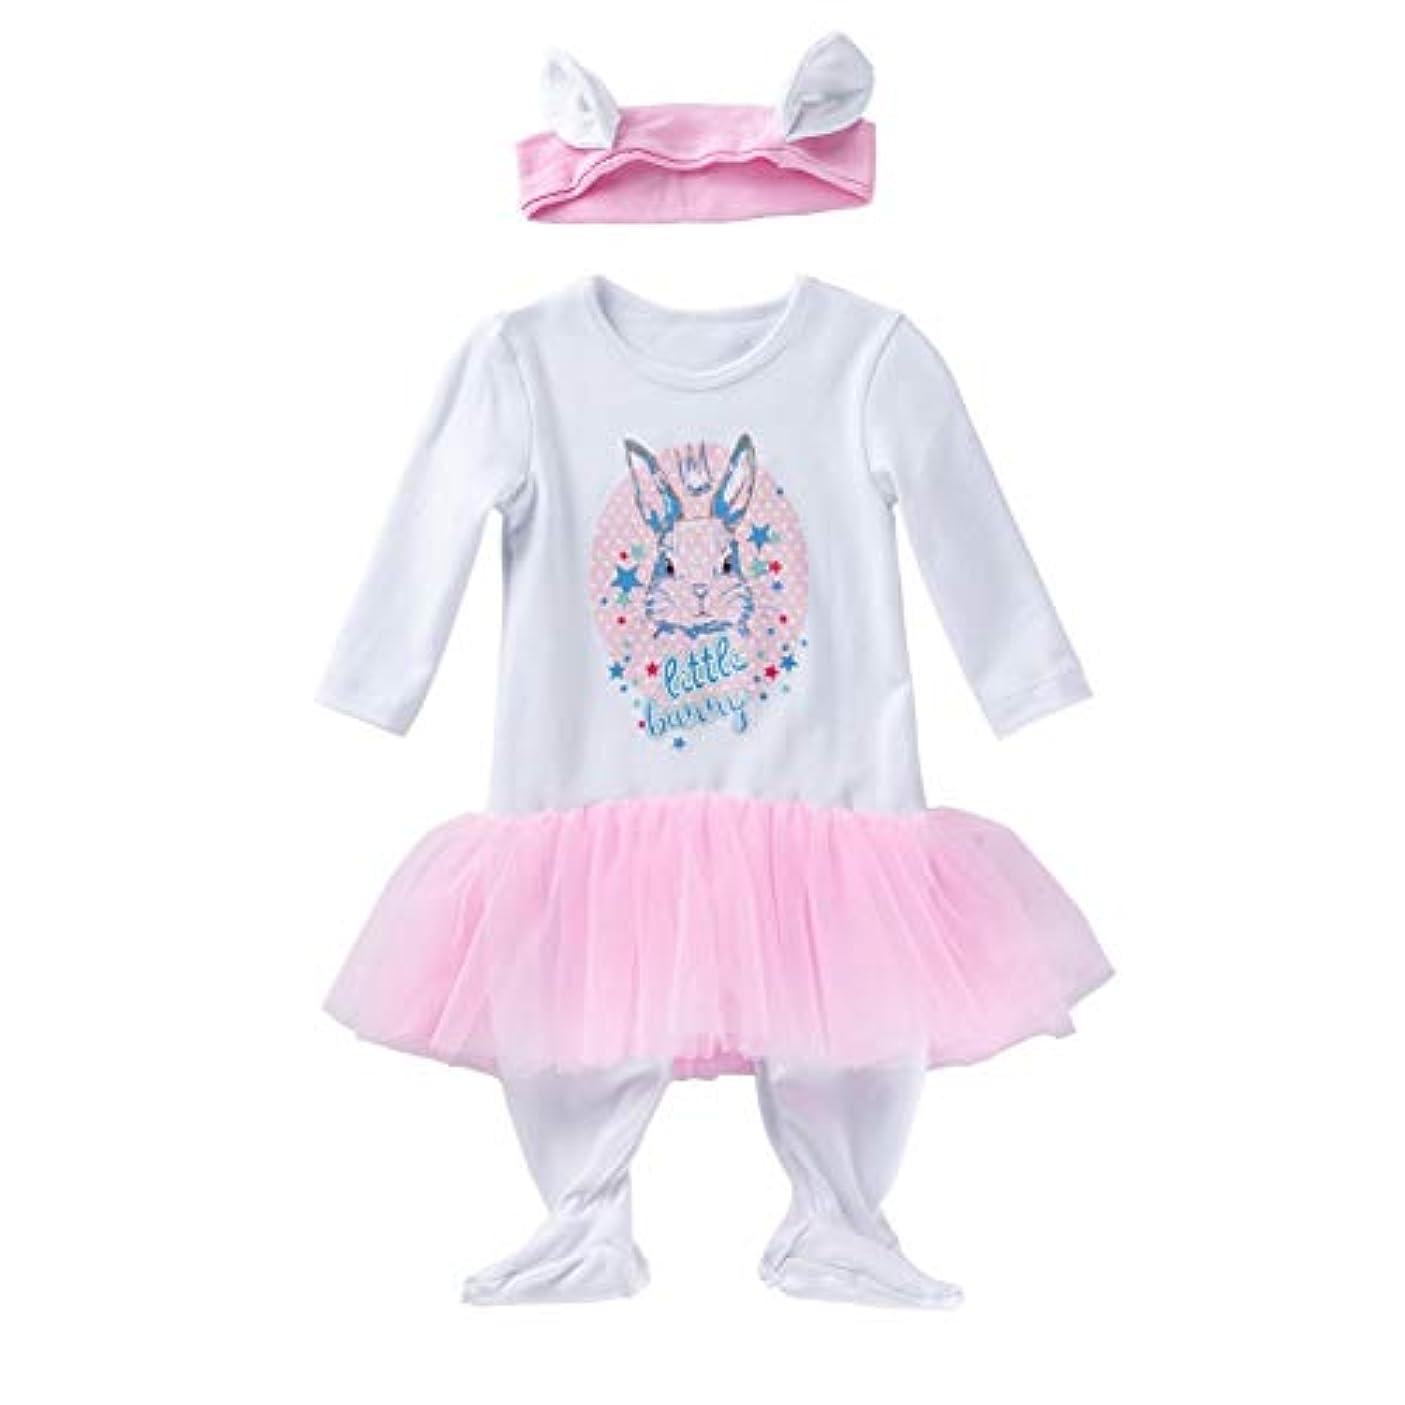 シンポジウム剣メトロポリタンRad子供 新しいスタイルのファッションの女の赤ちゃんのハロウィーンのウサギのプリント長袖ボディスーツカチューシャ2枚セット